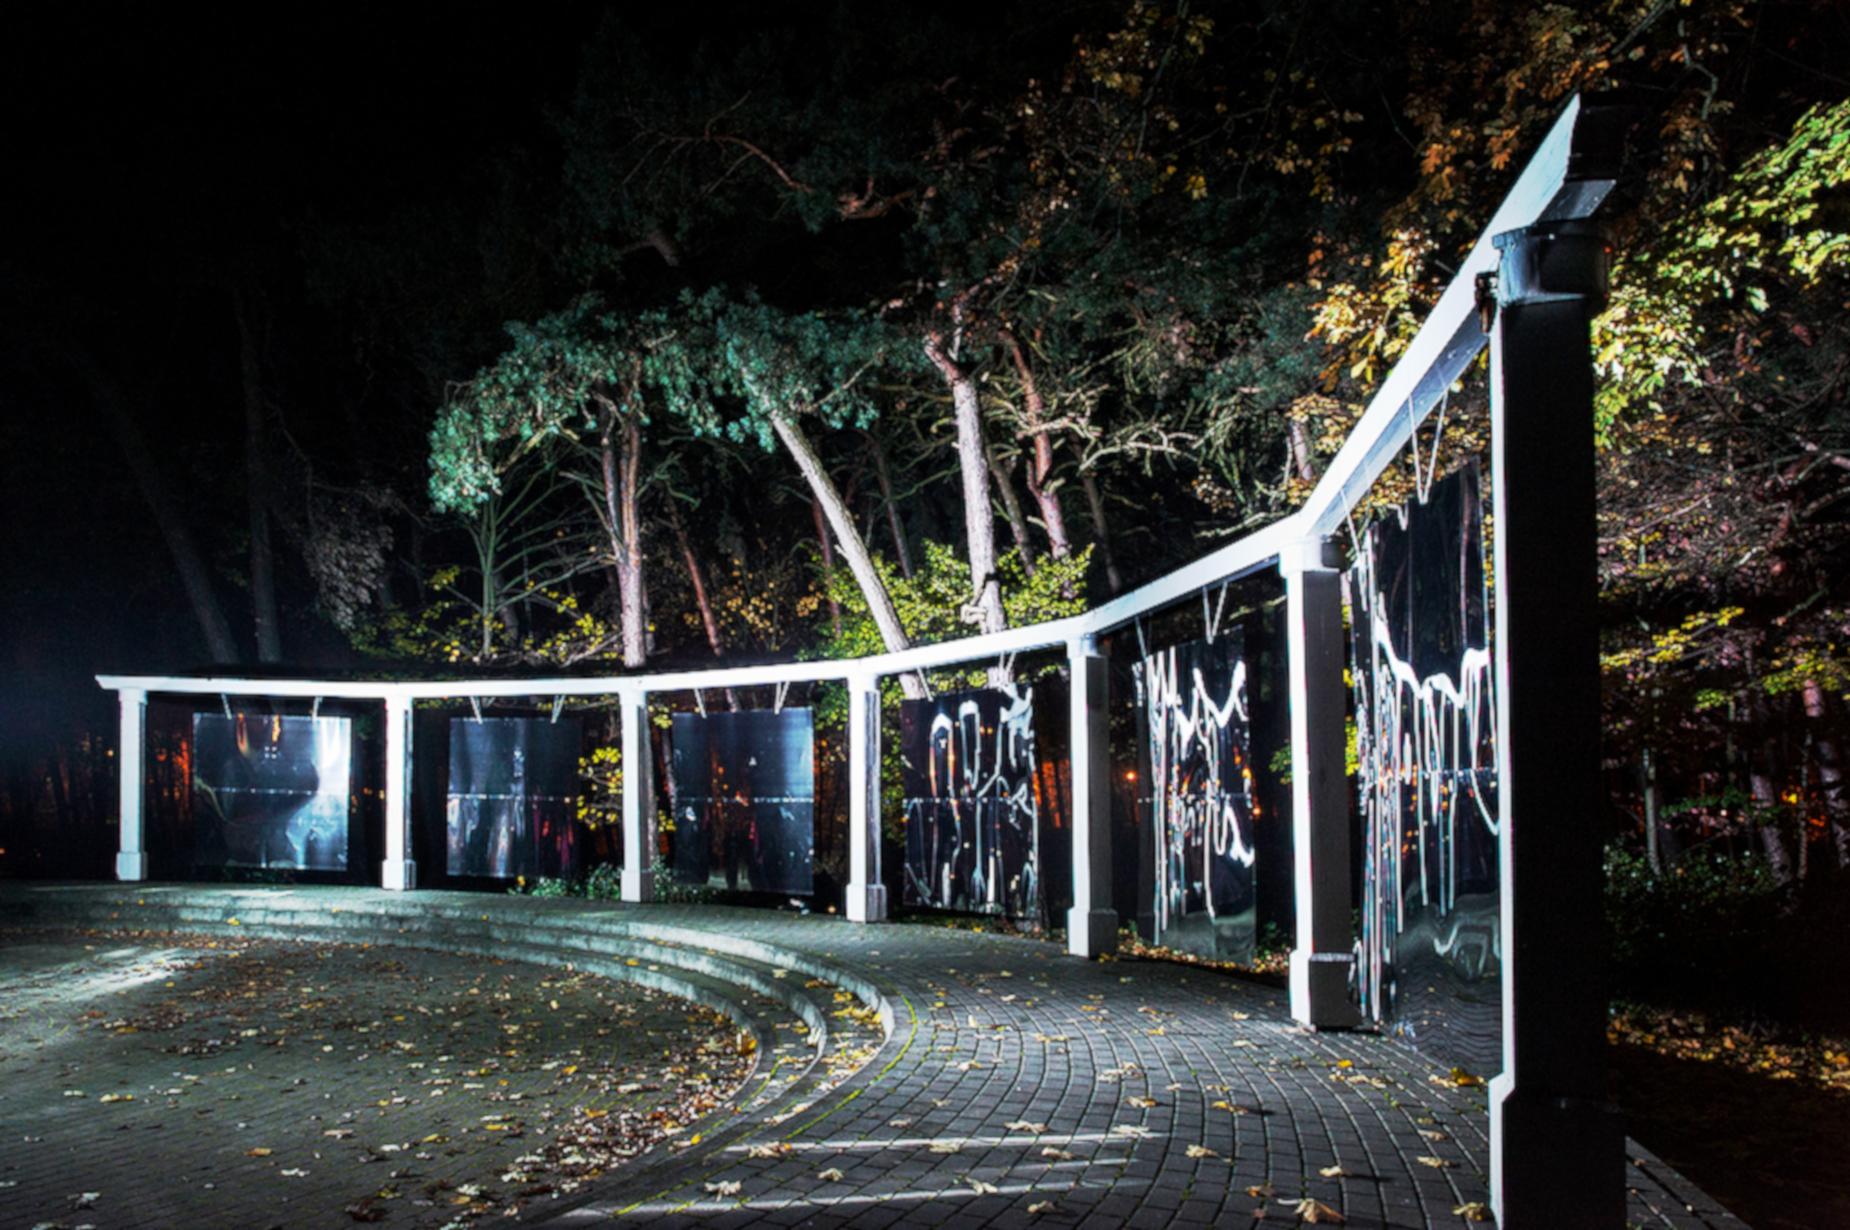 Tajemnicze zaułki, brukowane ulice, stawy i lasy. Artystyczne instalacje Festiwalu Narracje pokażą Oliwę, jakiej nie znamy